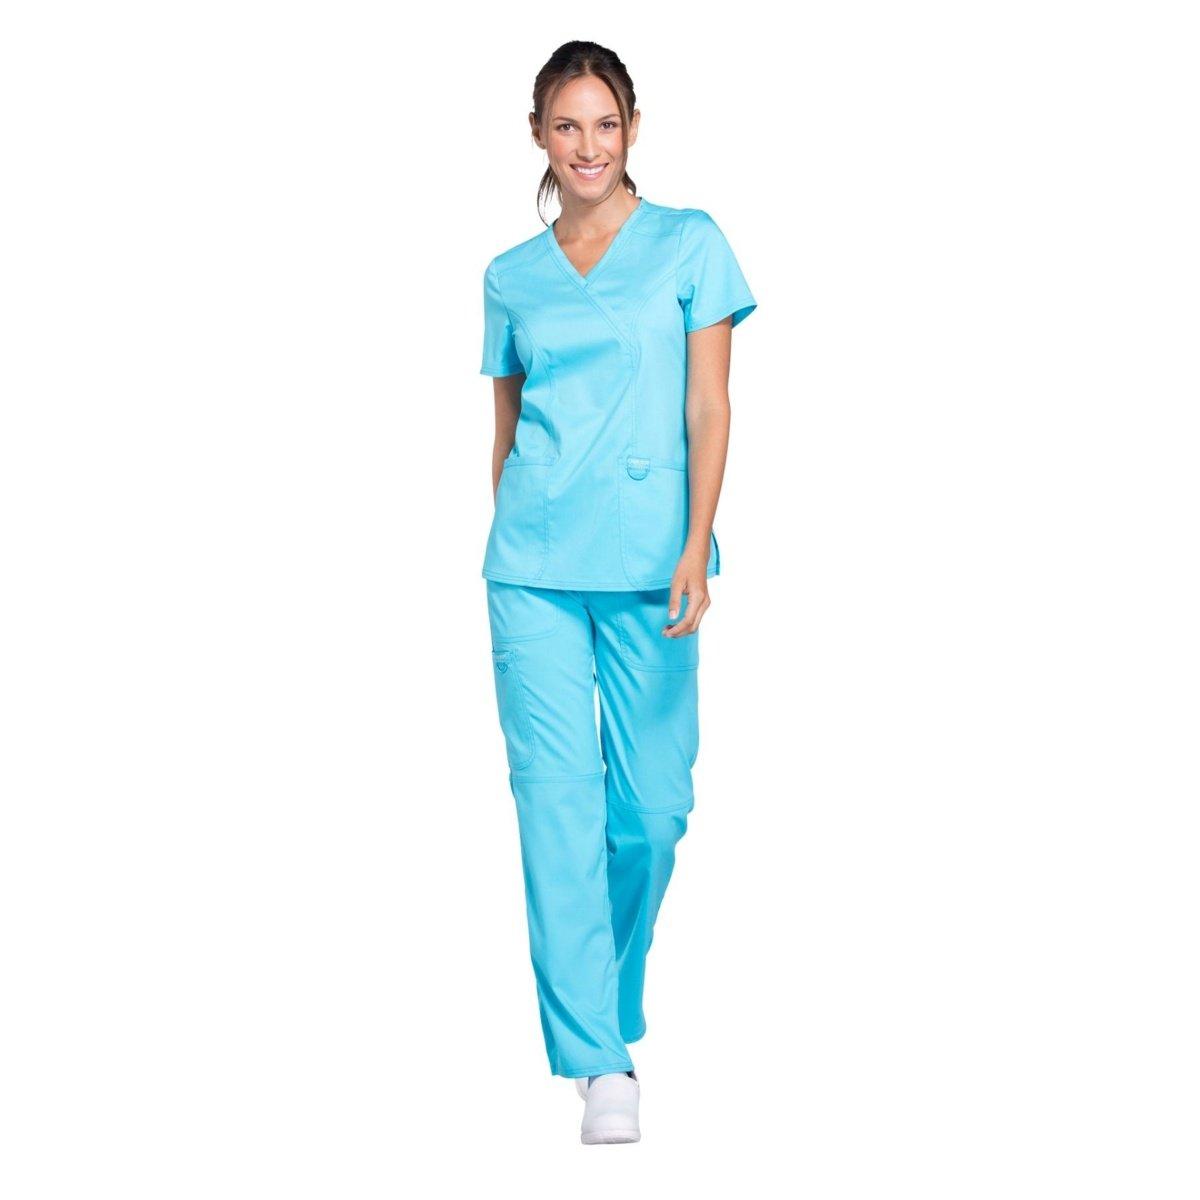 Женский медицинский костюм Revolution цвет небесный